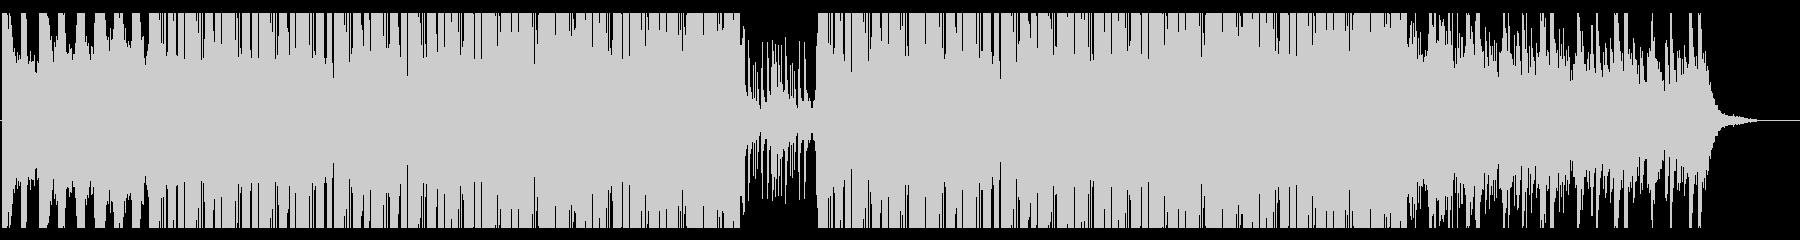 ヒップホップ_ピアノ_壮大の未再生の波形